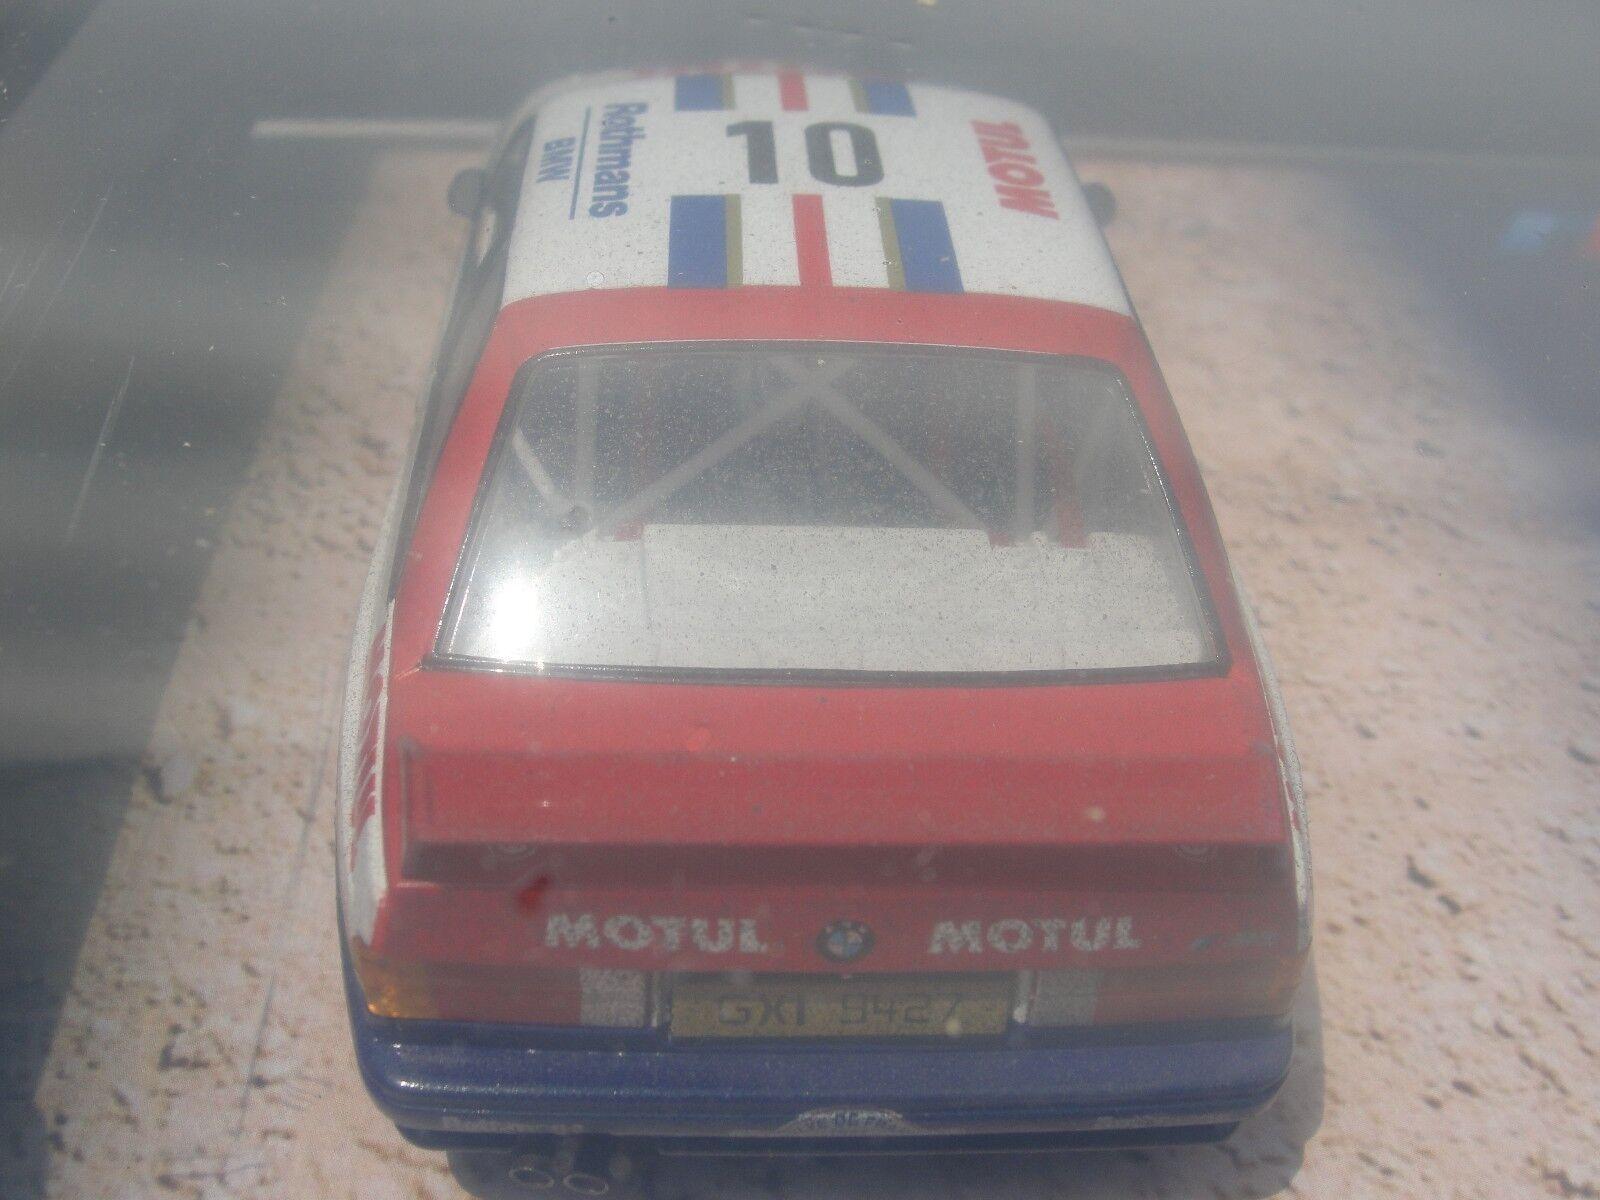 Espagnol SLOT BMW #10